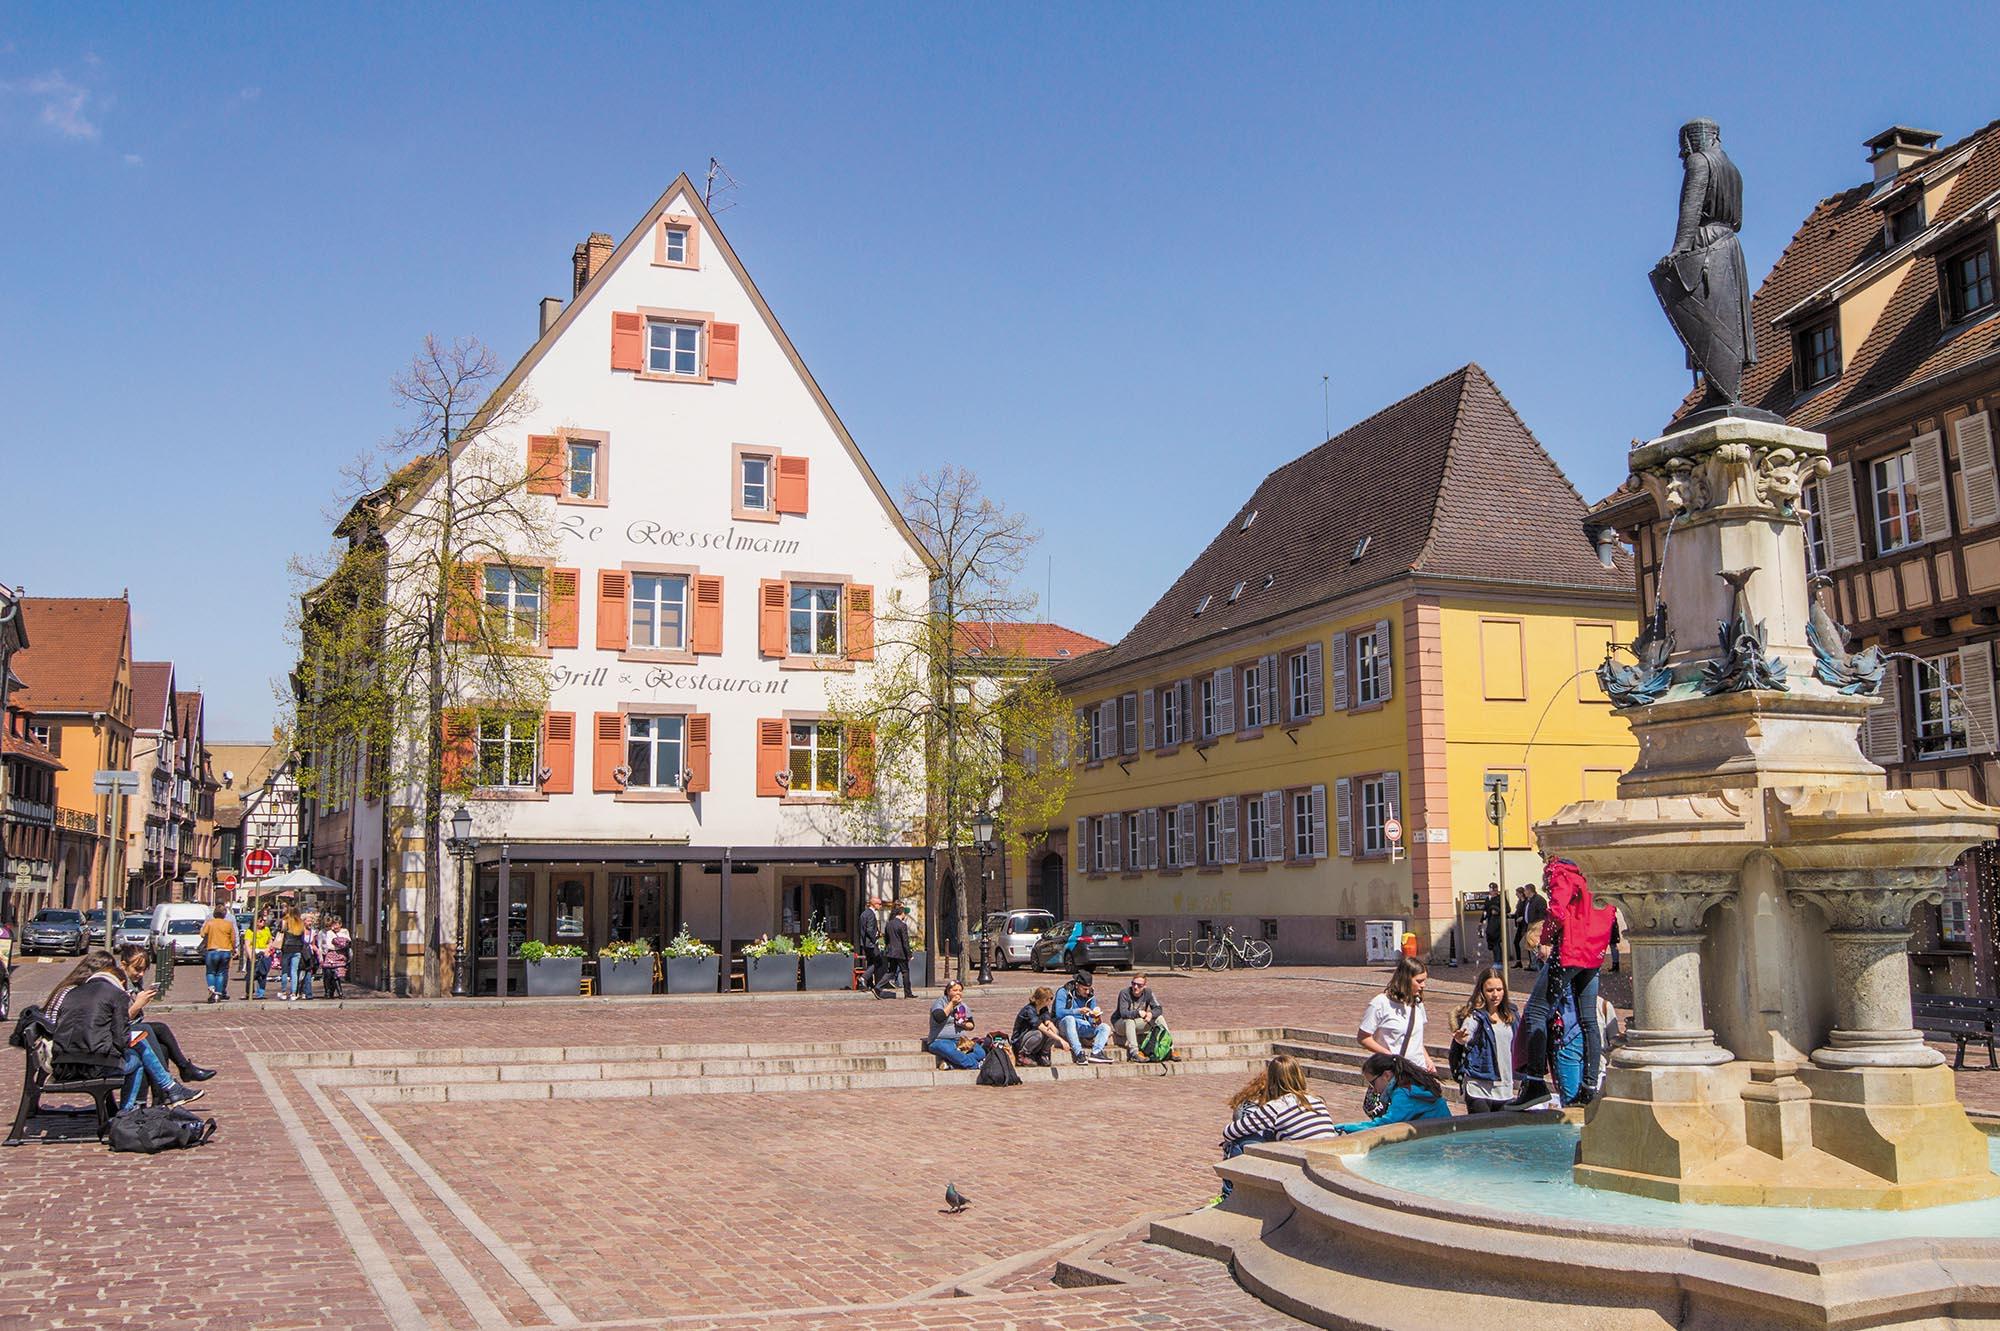 La place des six montagnes noires et la fontaine Roesselmann  (OT Colmar)